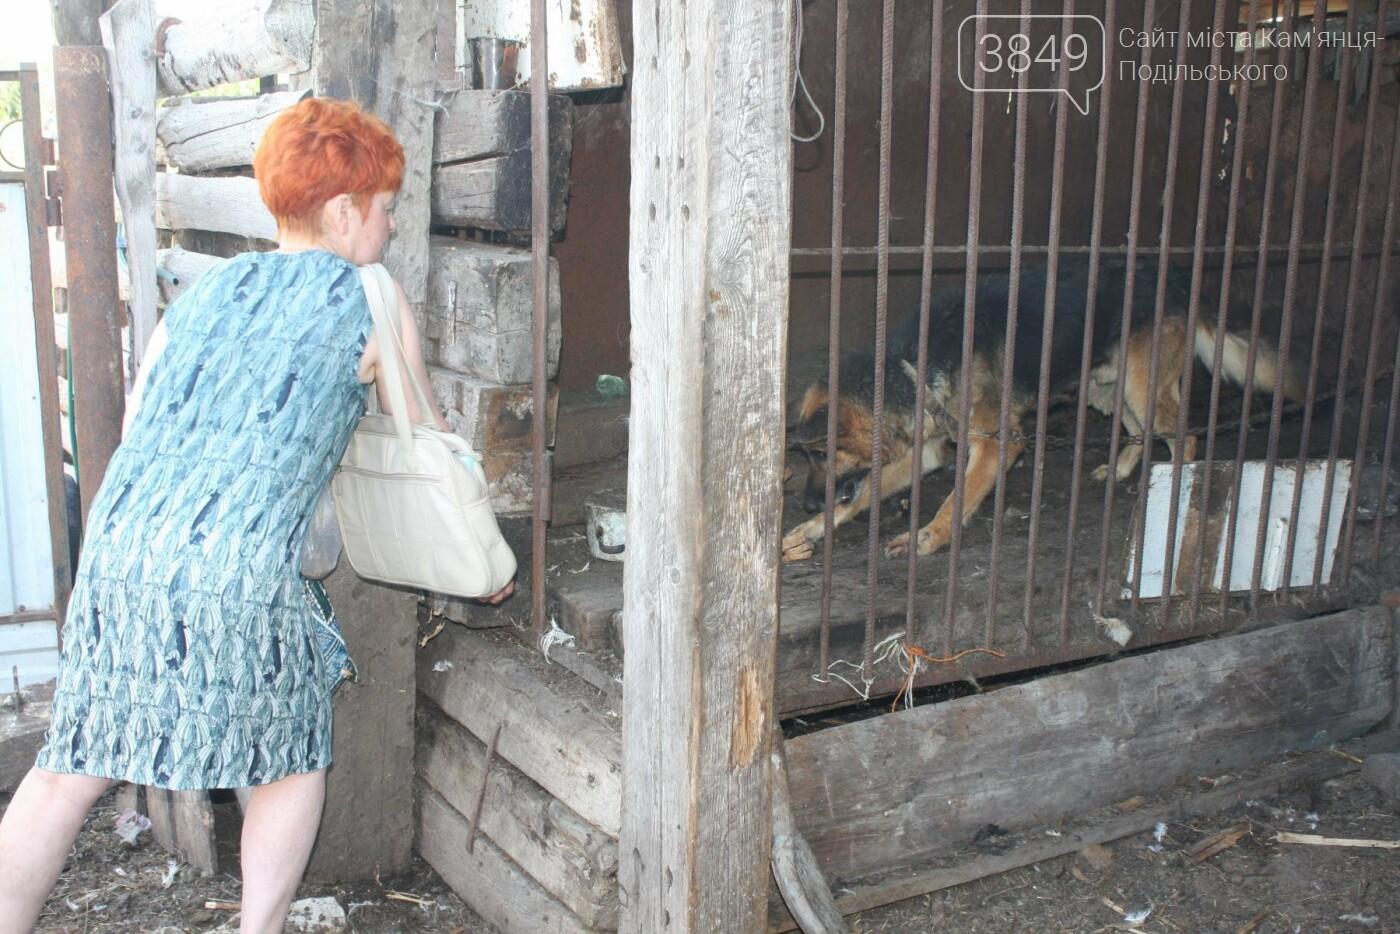 """В Кам'янці відбулось """"народне віче"""" щодо жорстокого поводження з тваринами, фото-11"""